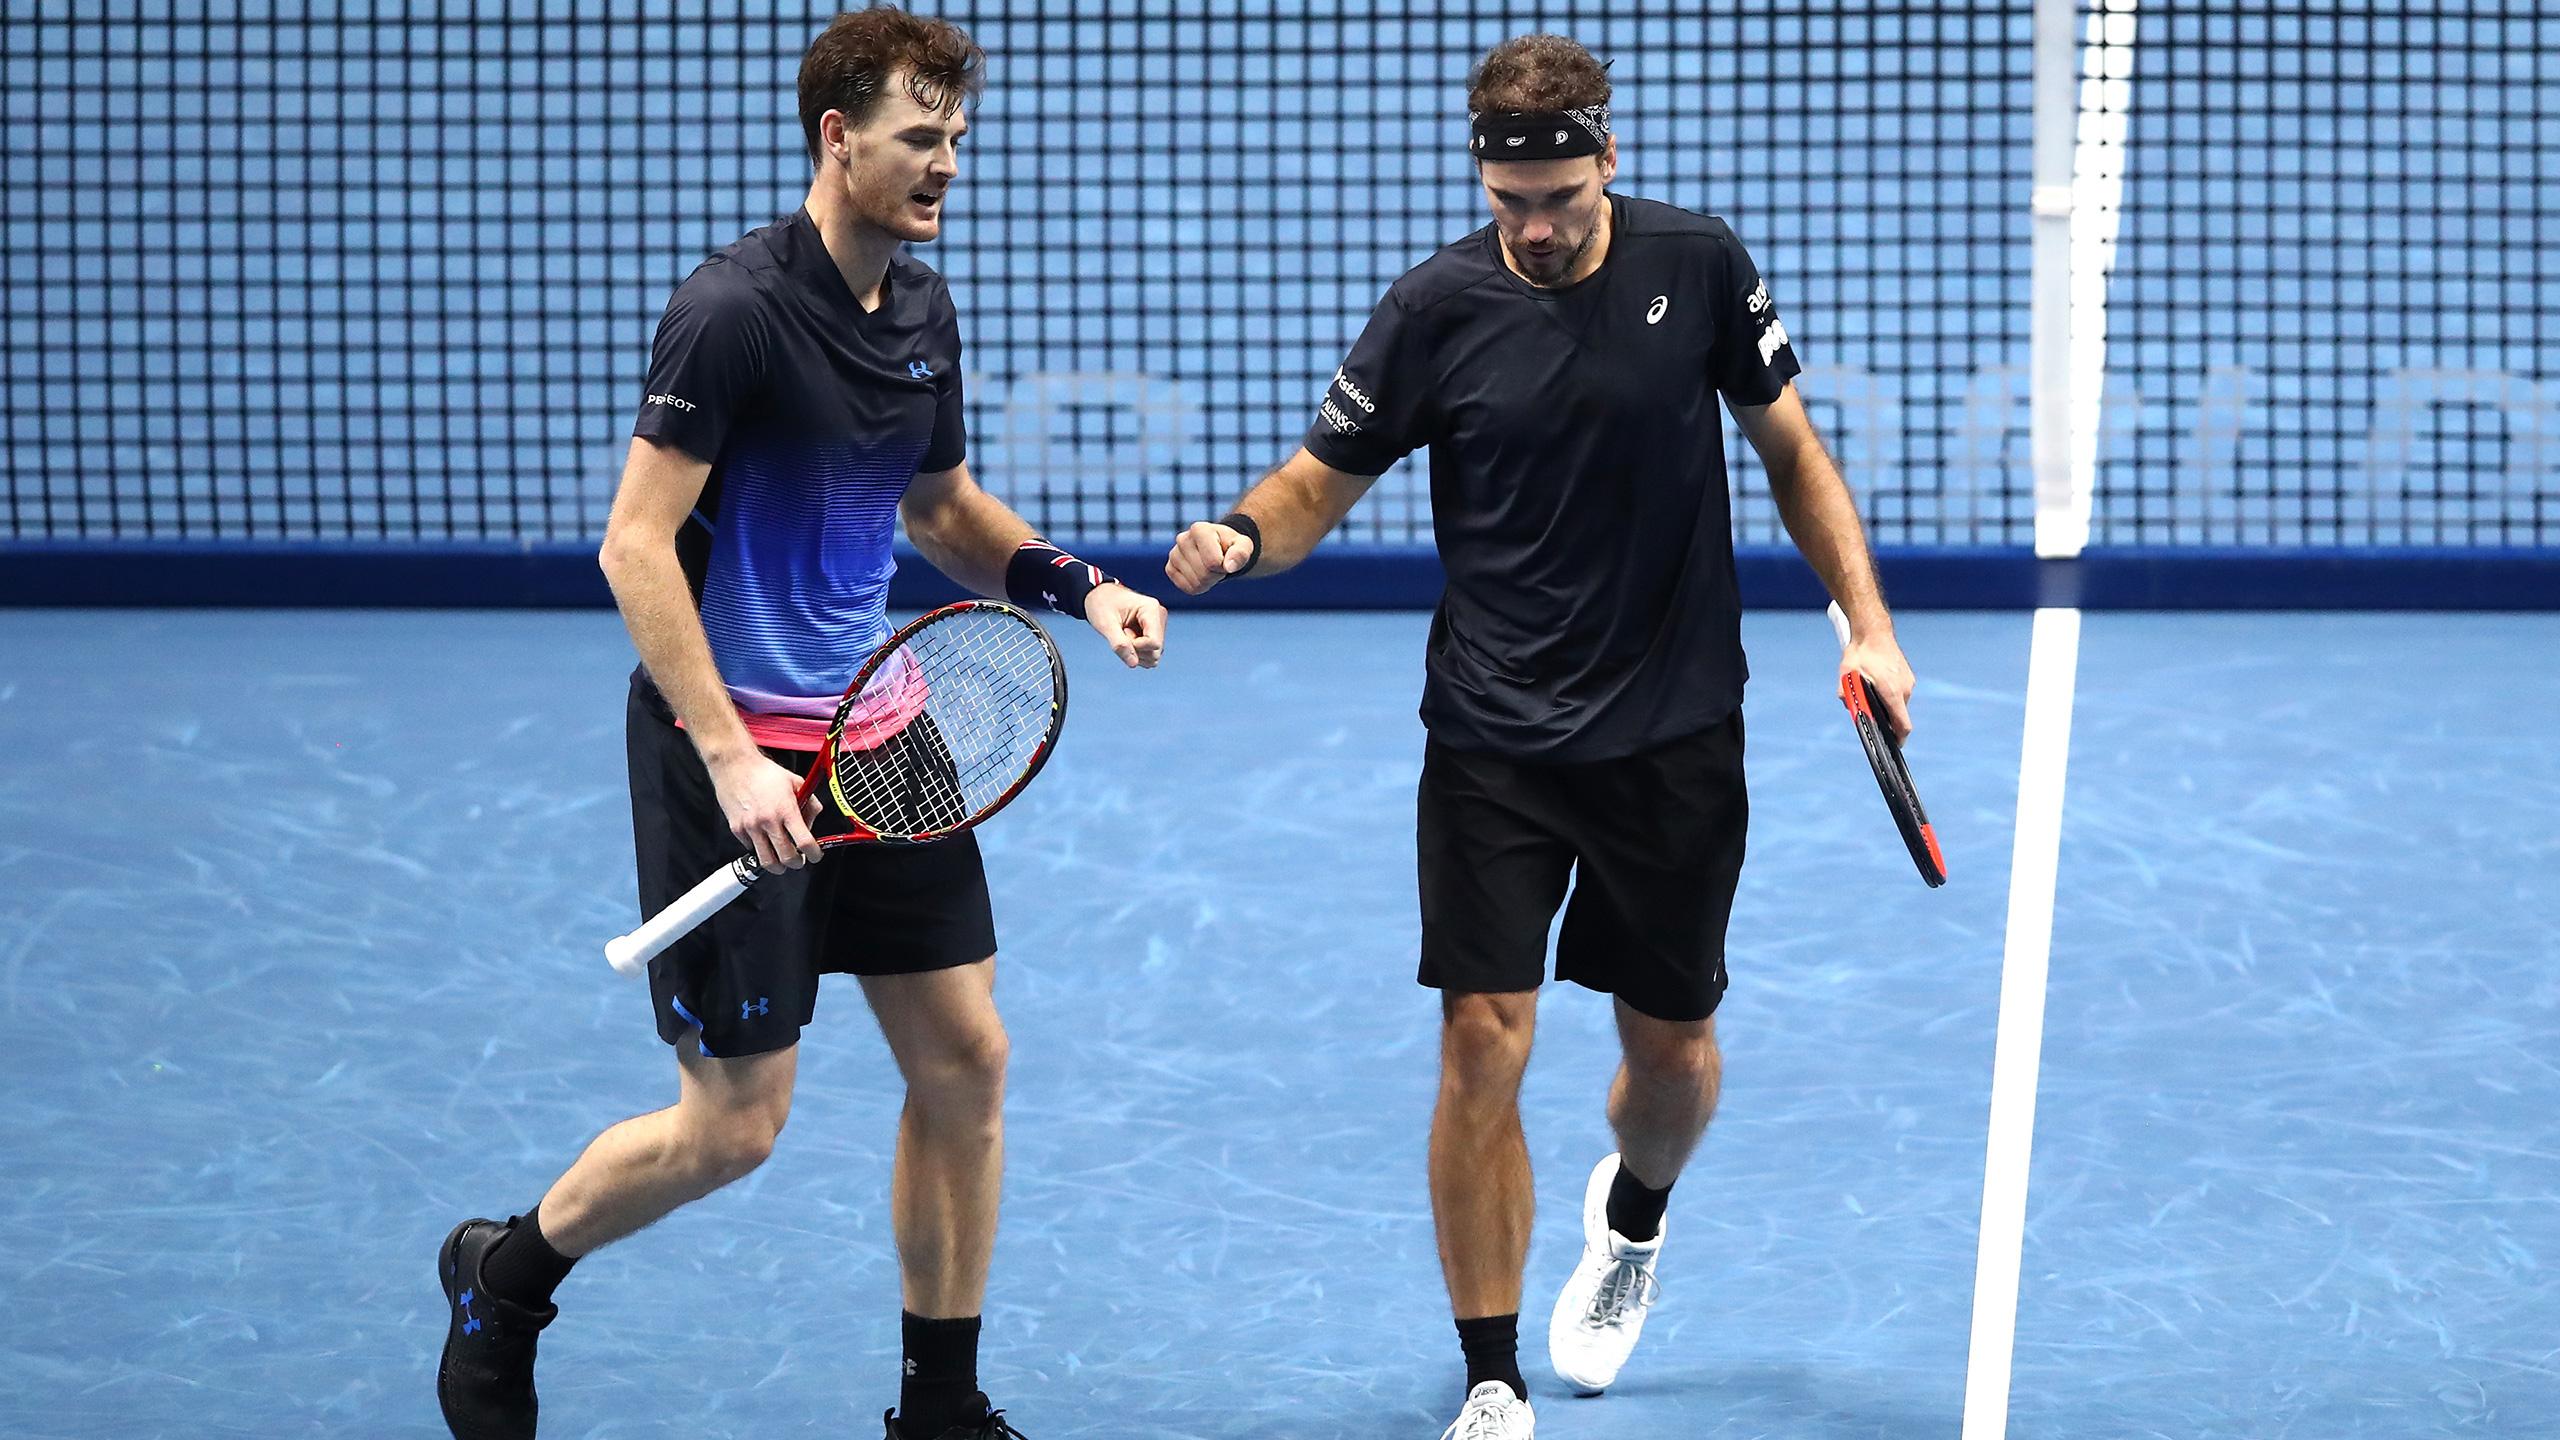 (4) Murray/Soares vs. (9) Kontinen/Peers (Doubles Round Robin)